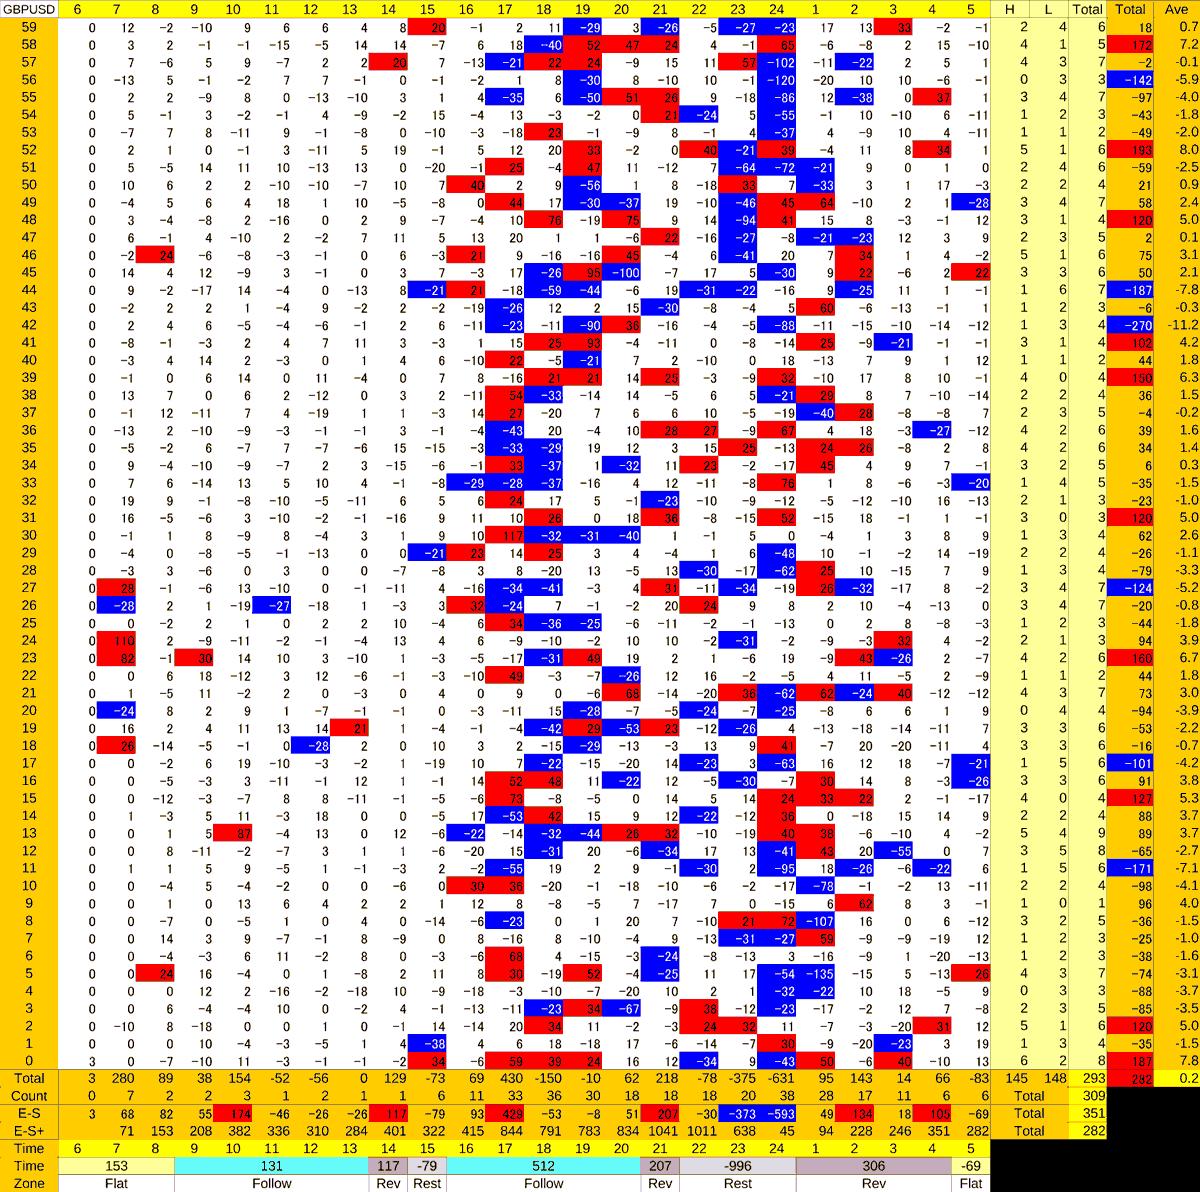 20201123_HS(2)GBPUSD